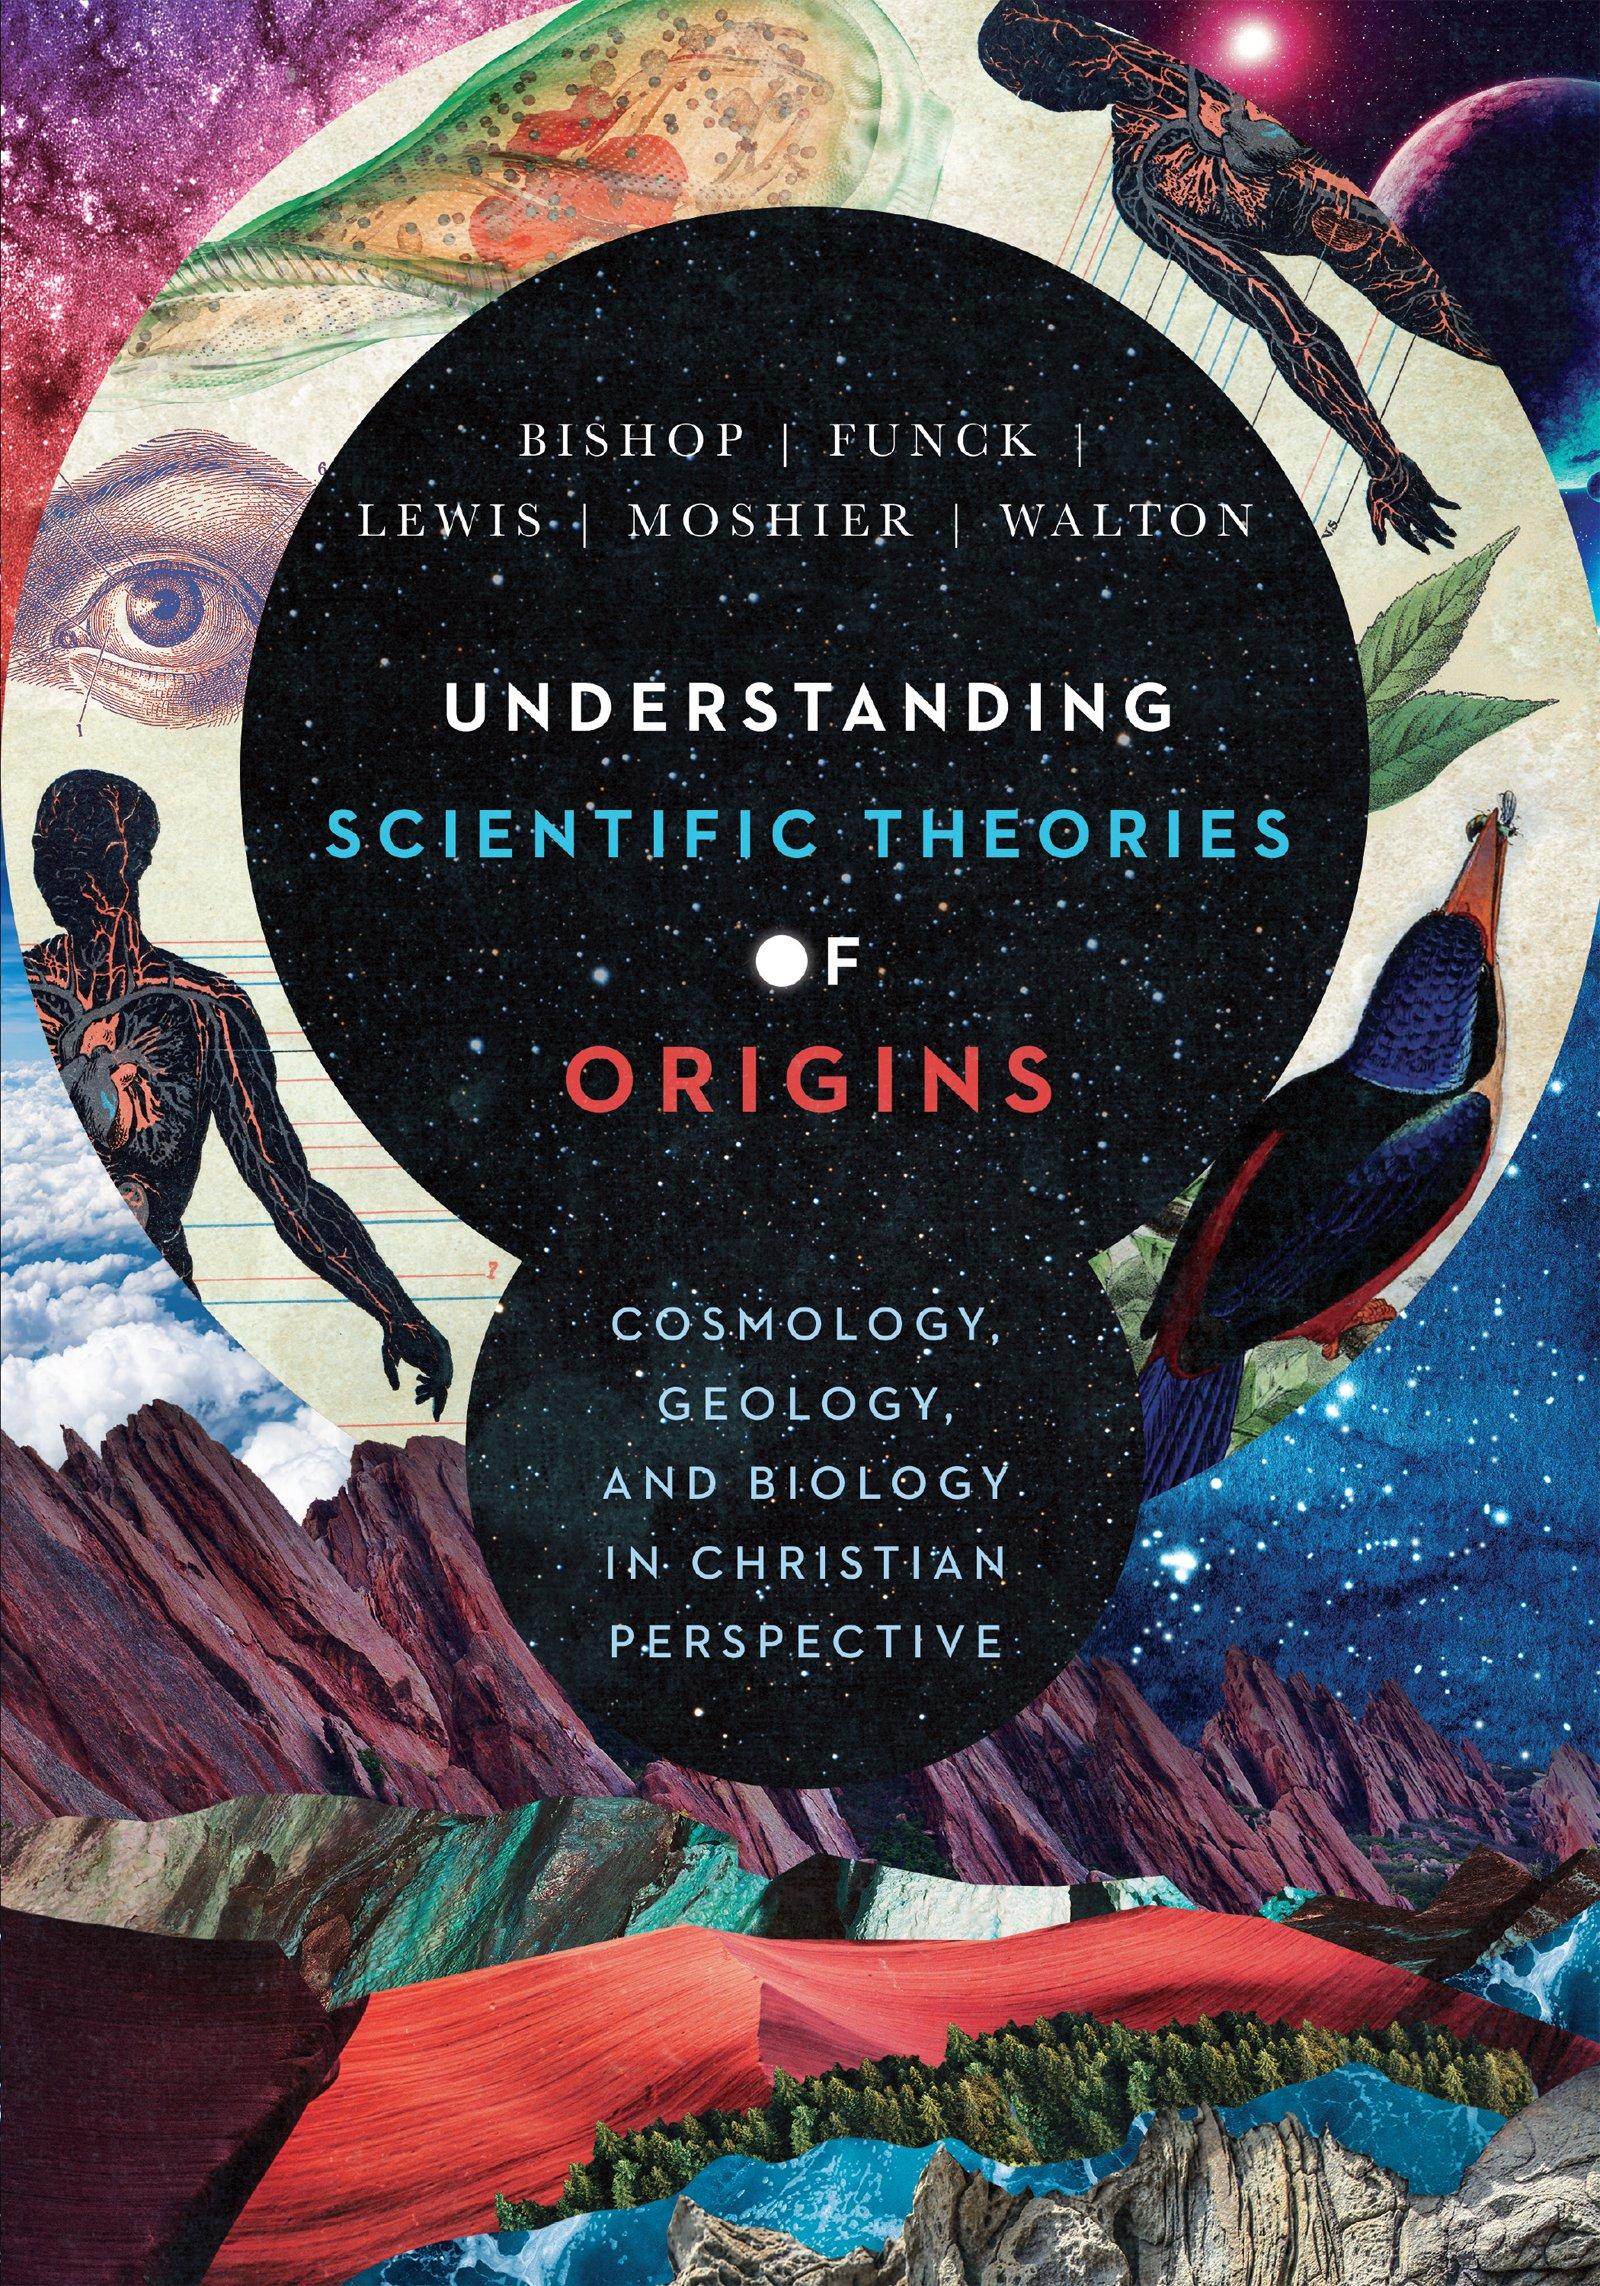 A fost publicat primul manual de științe destinat studenţilor ce prezintă legătura dintre Biblie şi teoria ştiinţifică